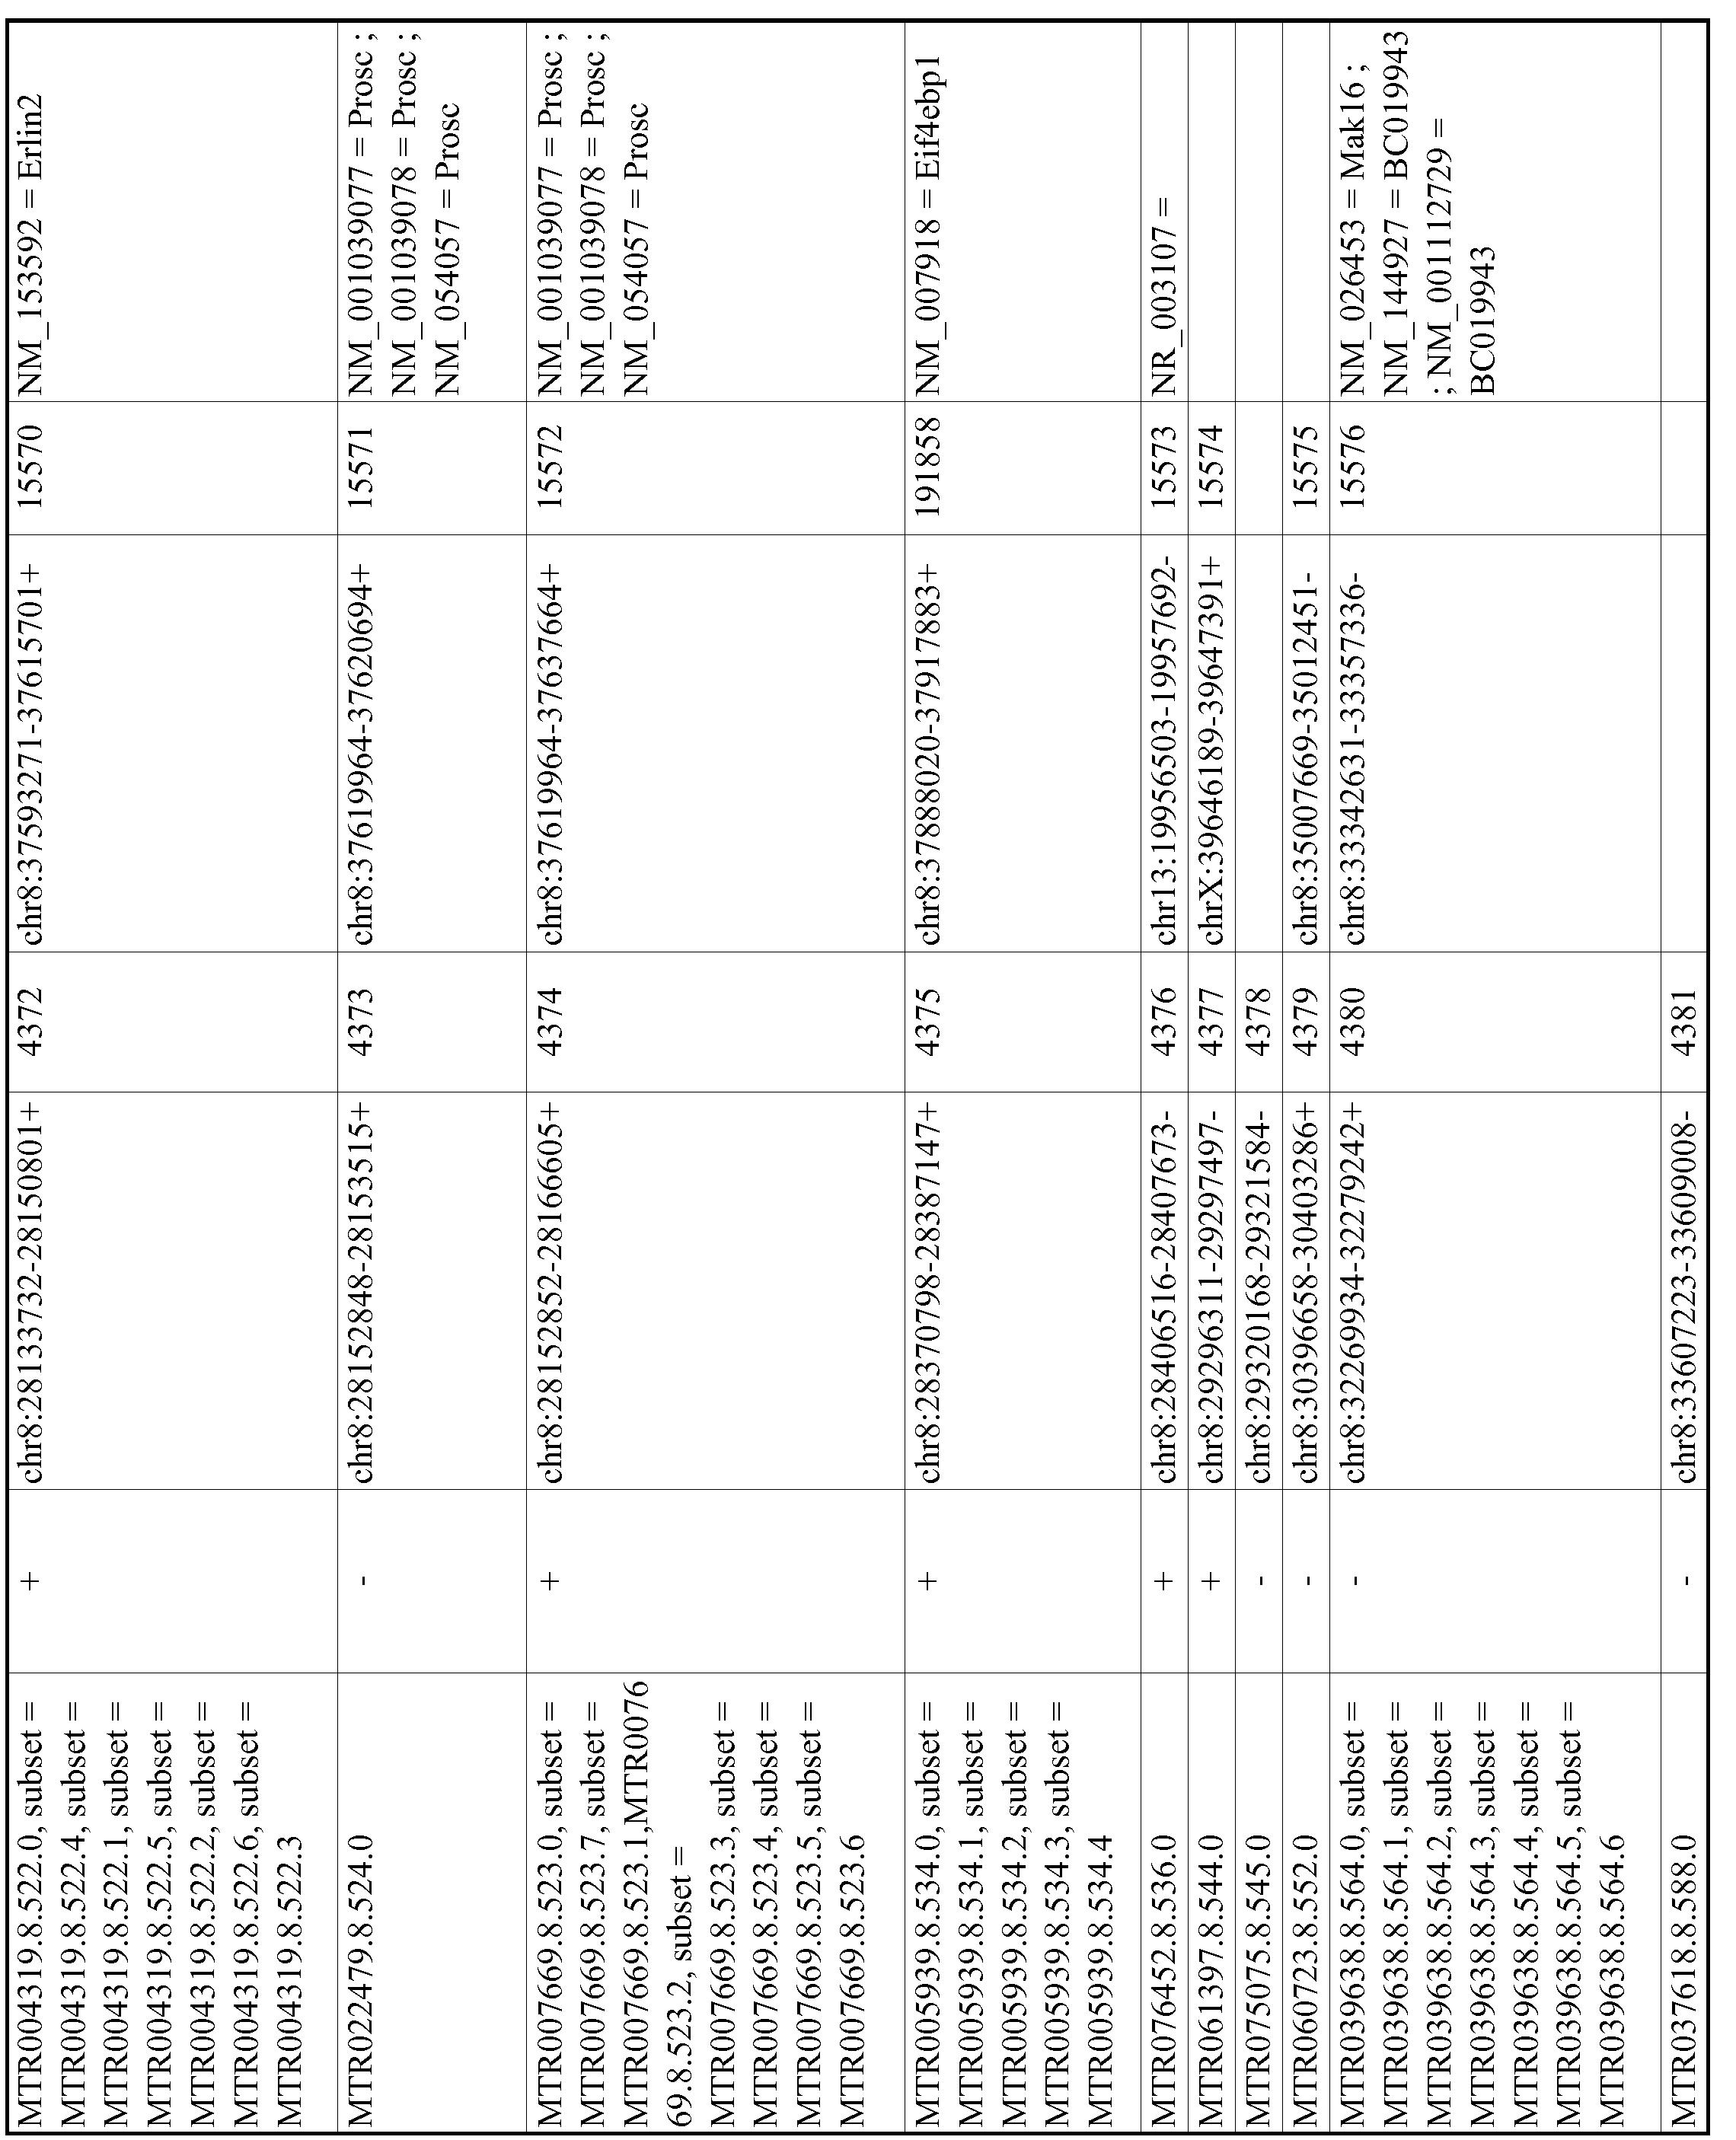 Figure imgf000819_0001